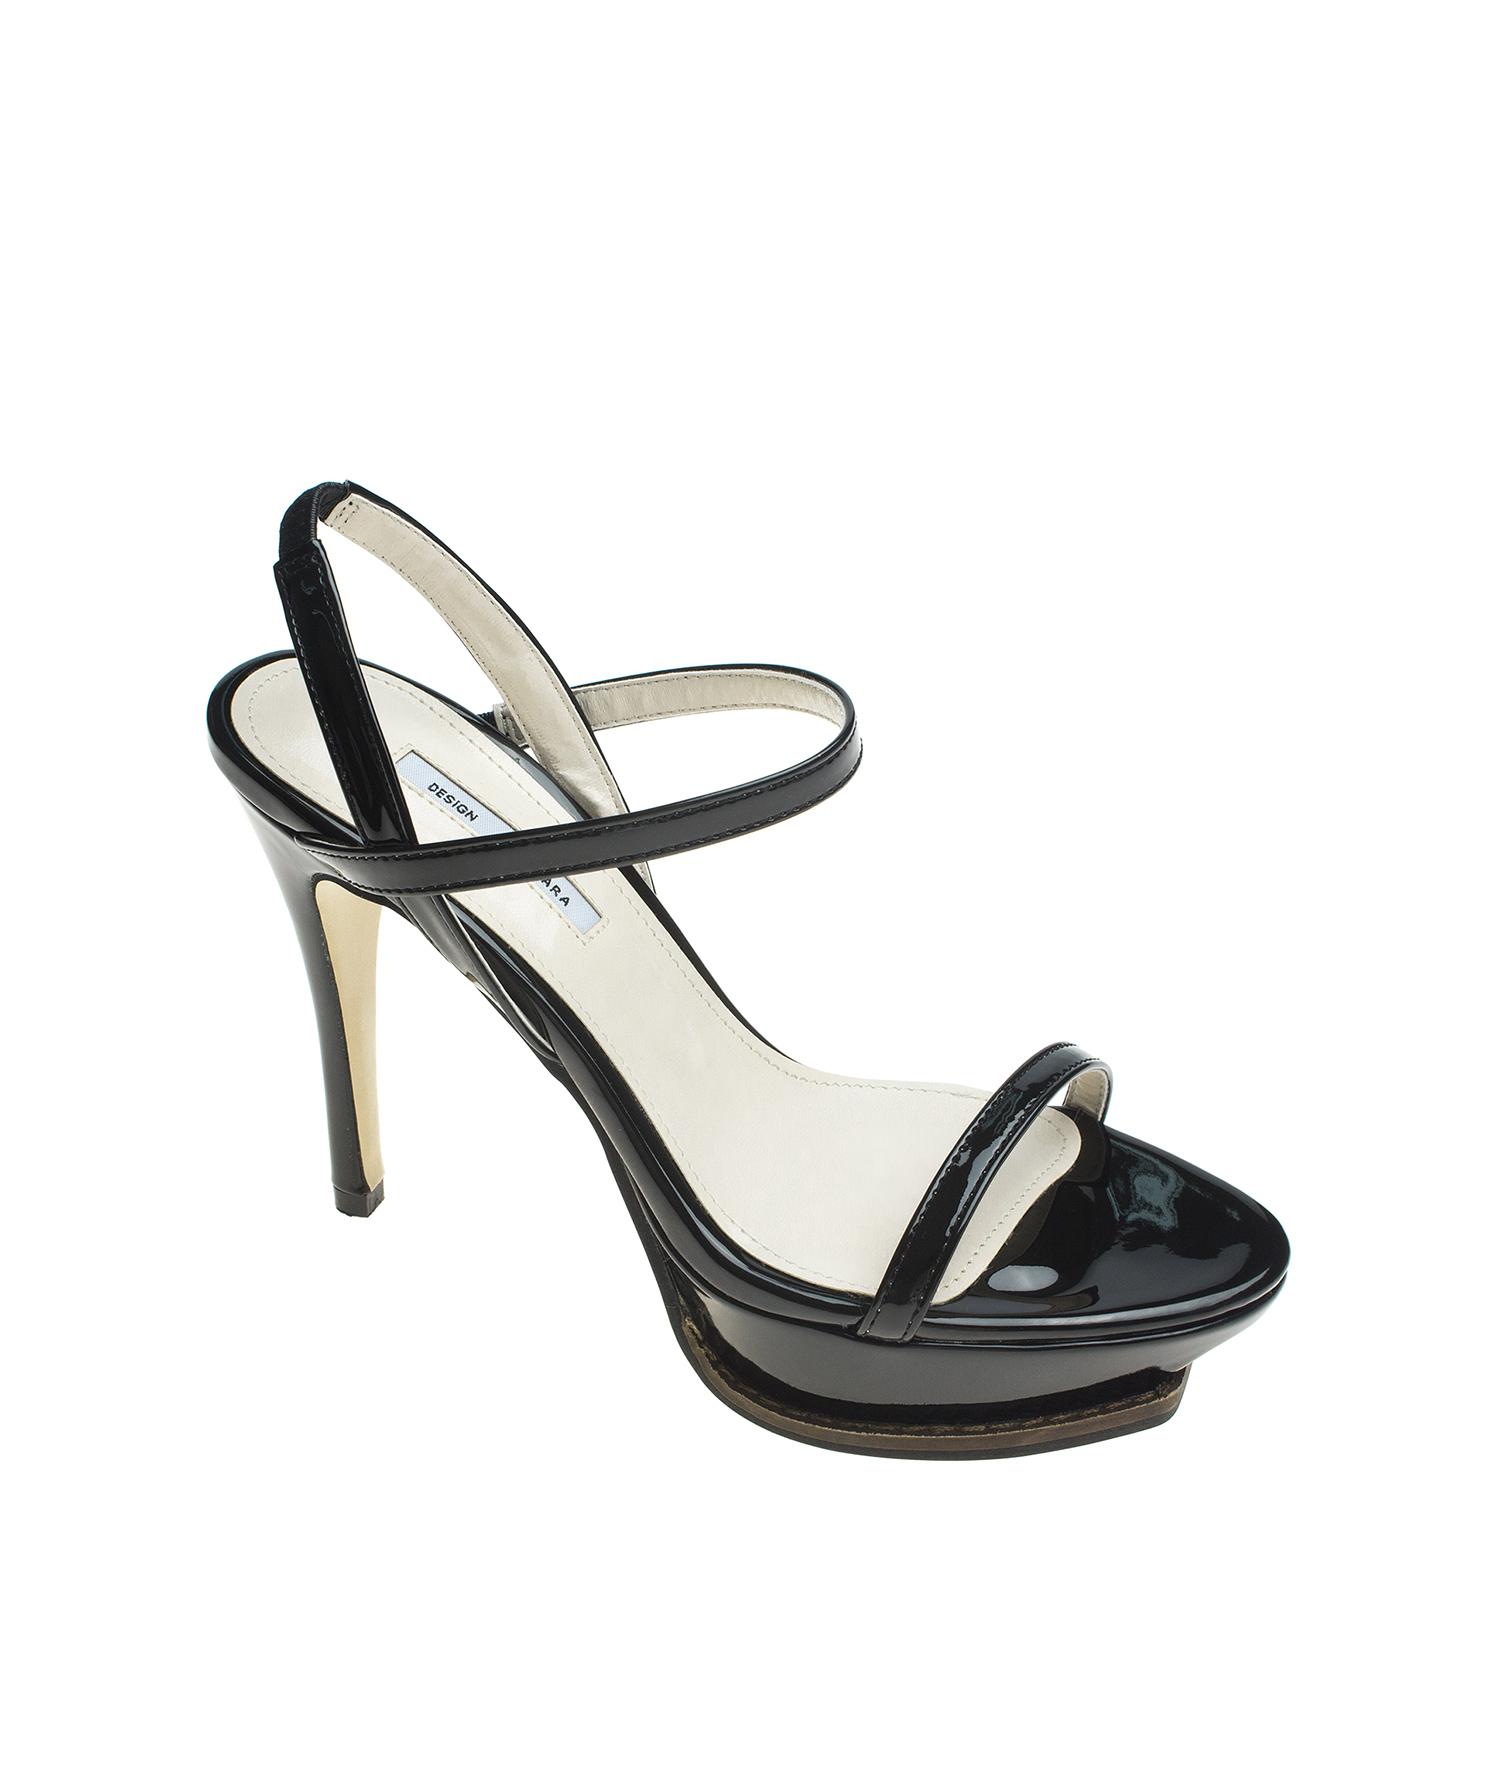 3302d90c7d4 AnnaKastle Womens Patent Stiletto Heel Sandals Dress Shoes Black